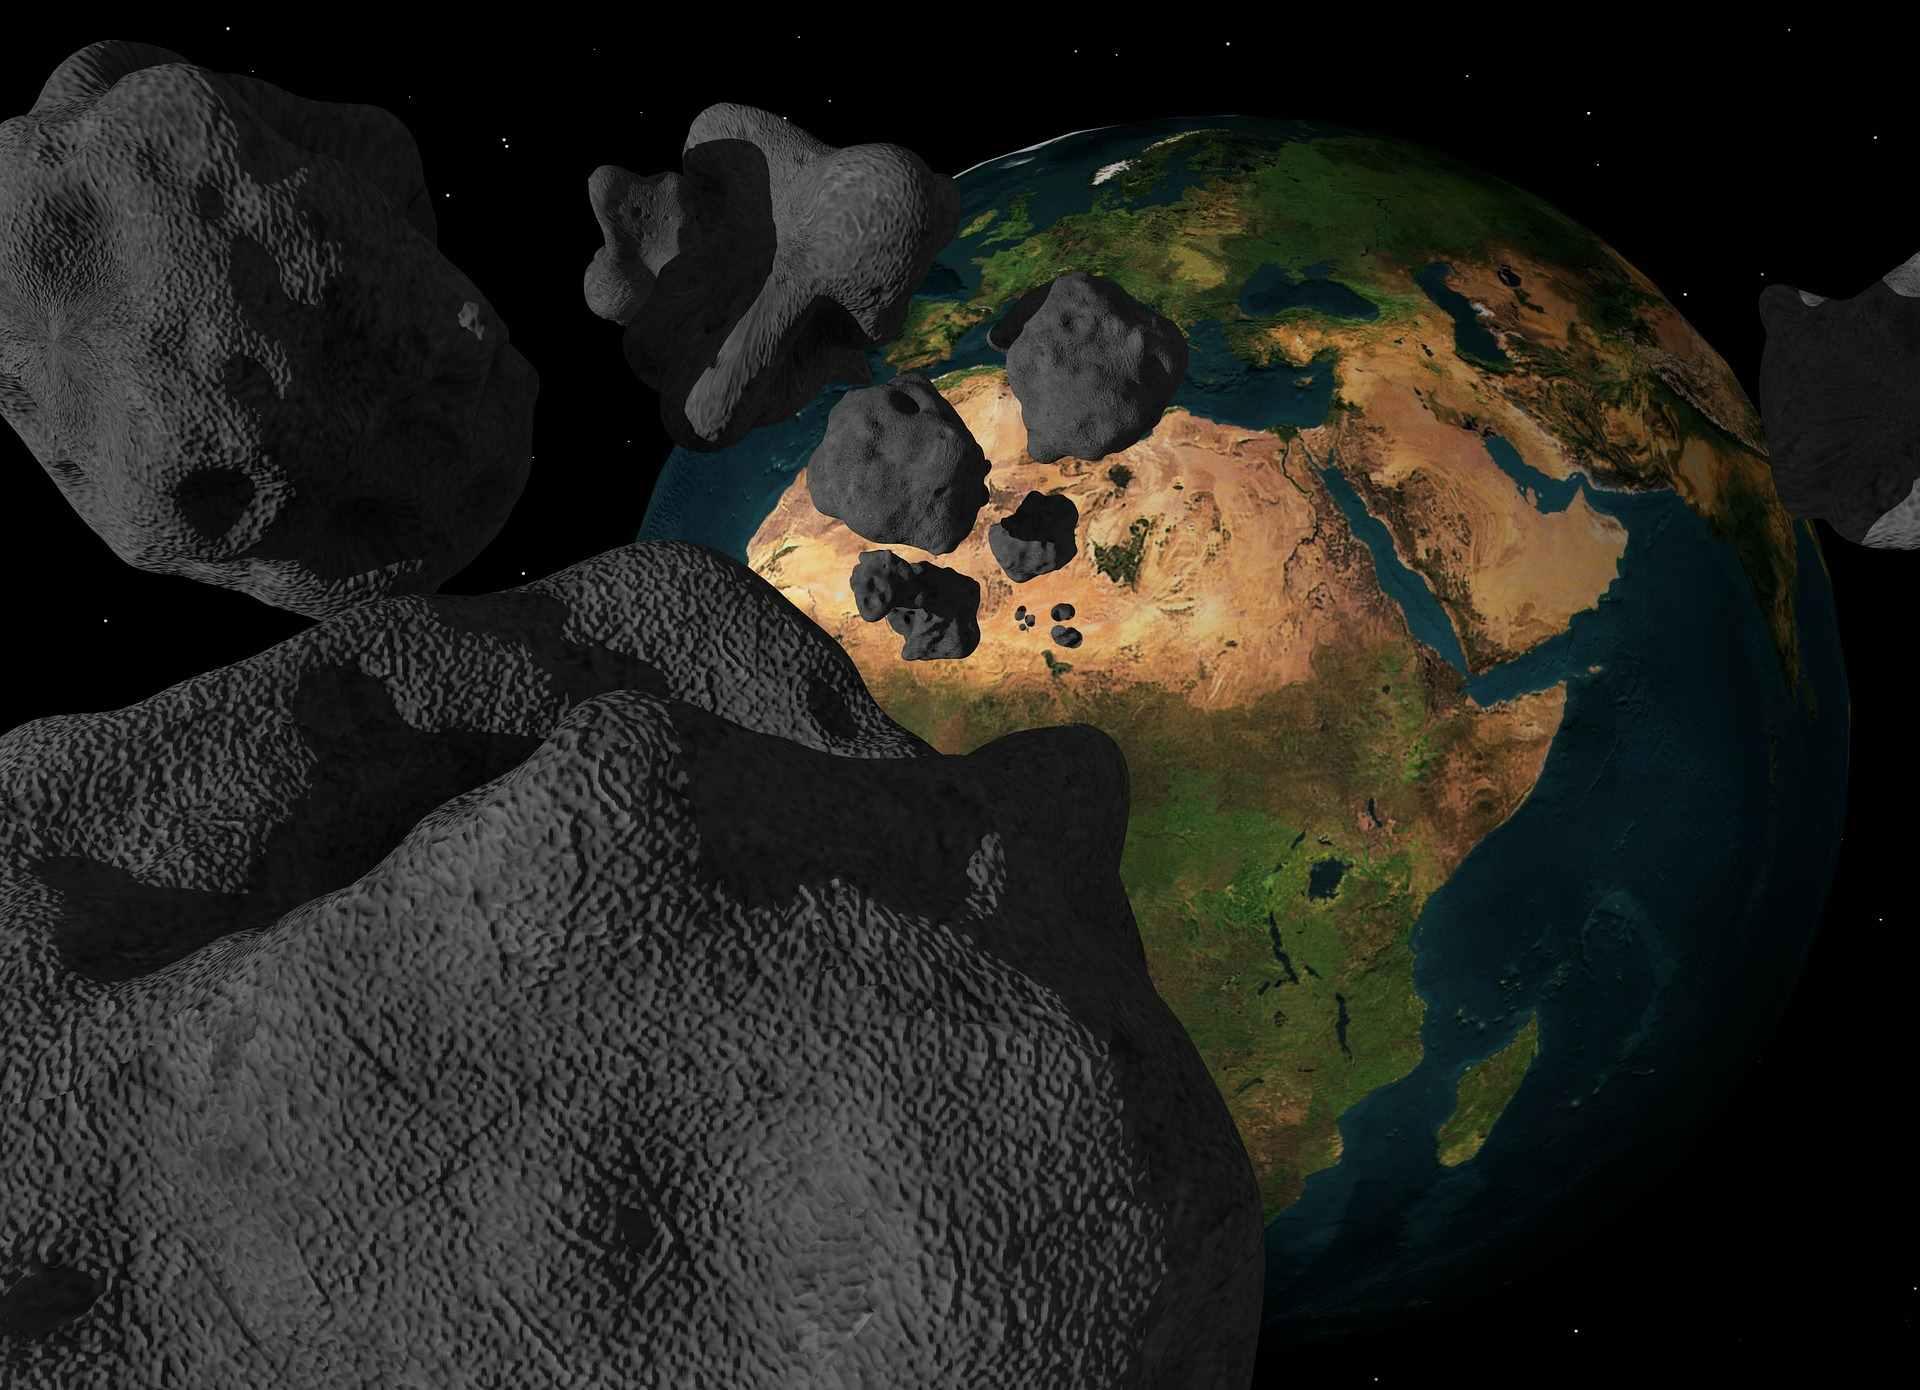 Asteroida zmierzająca w kierunku Ziemi